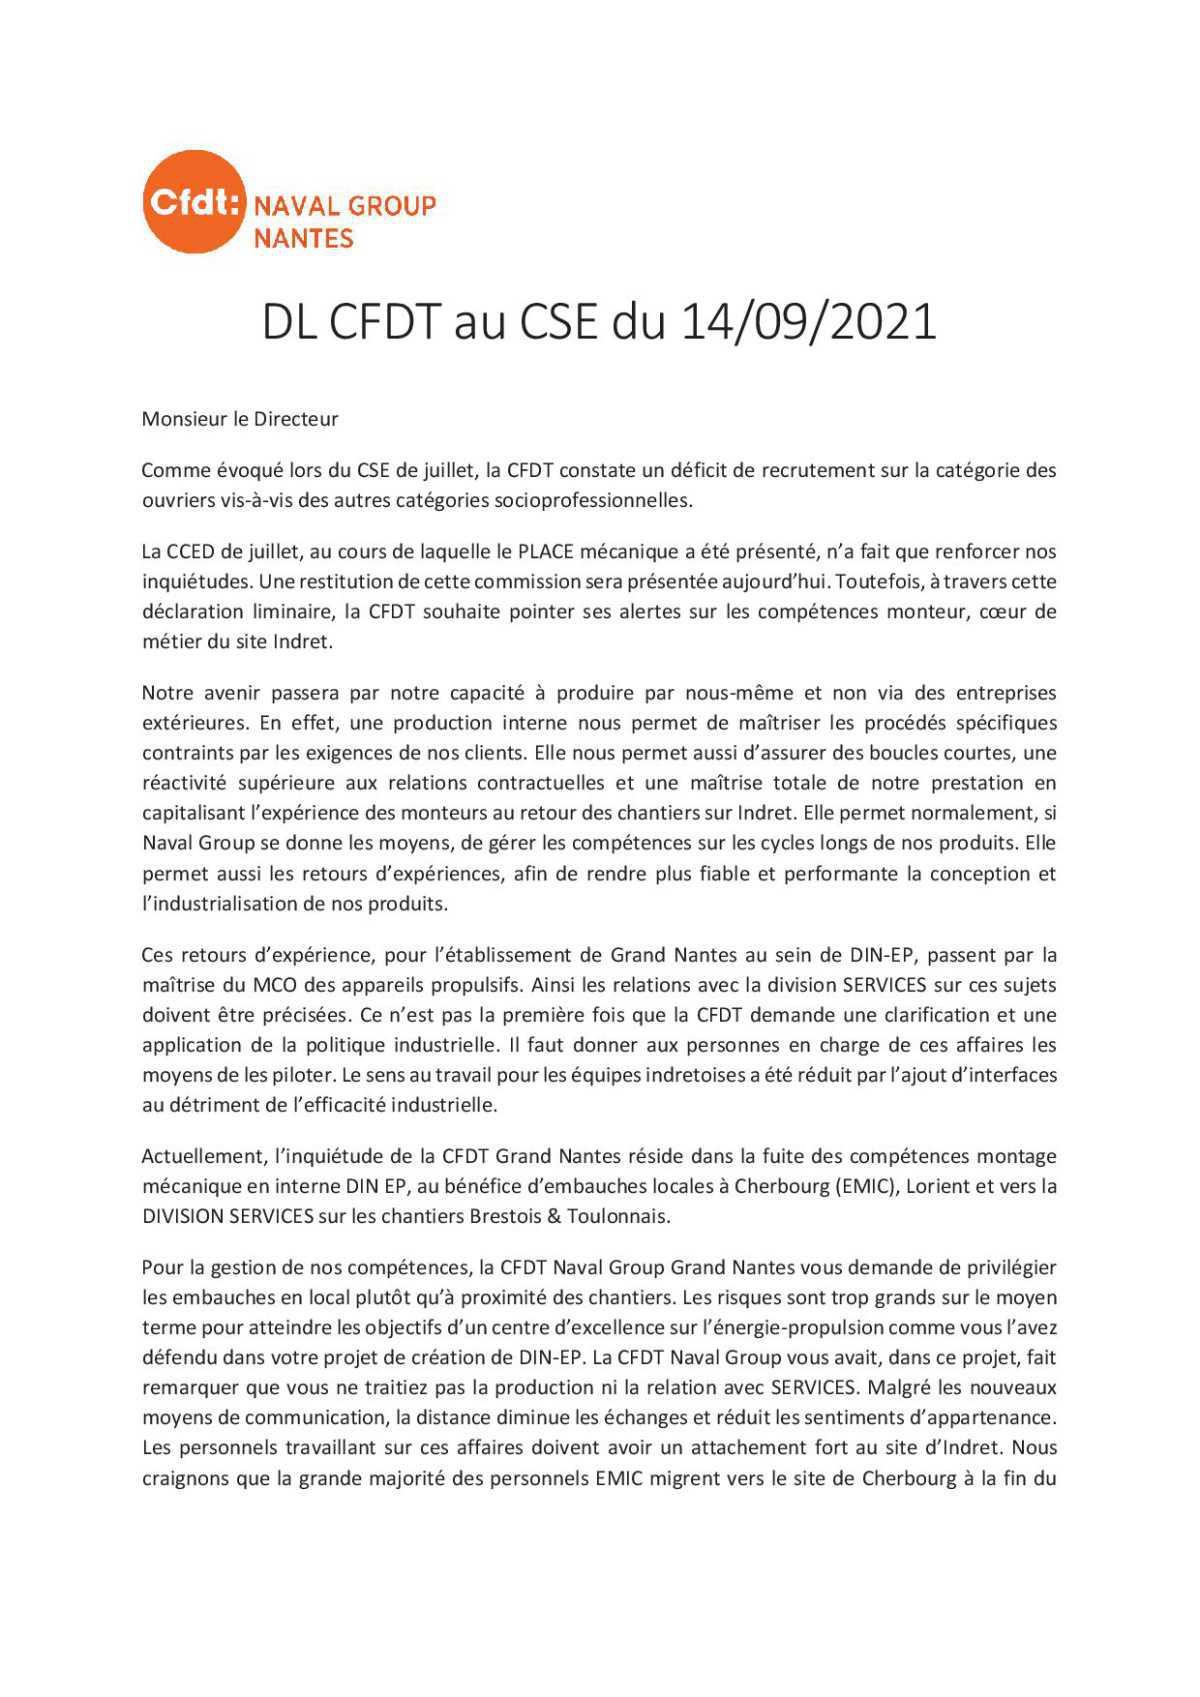 CR du CSE du 14 septembre 2021 + Déclaration Liminaire